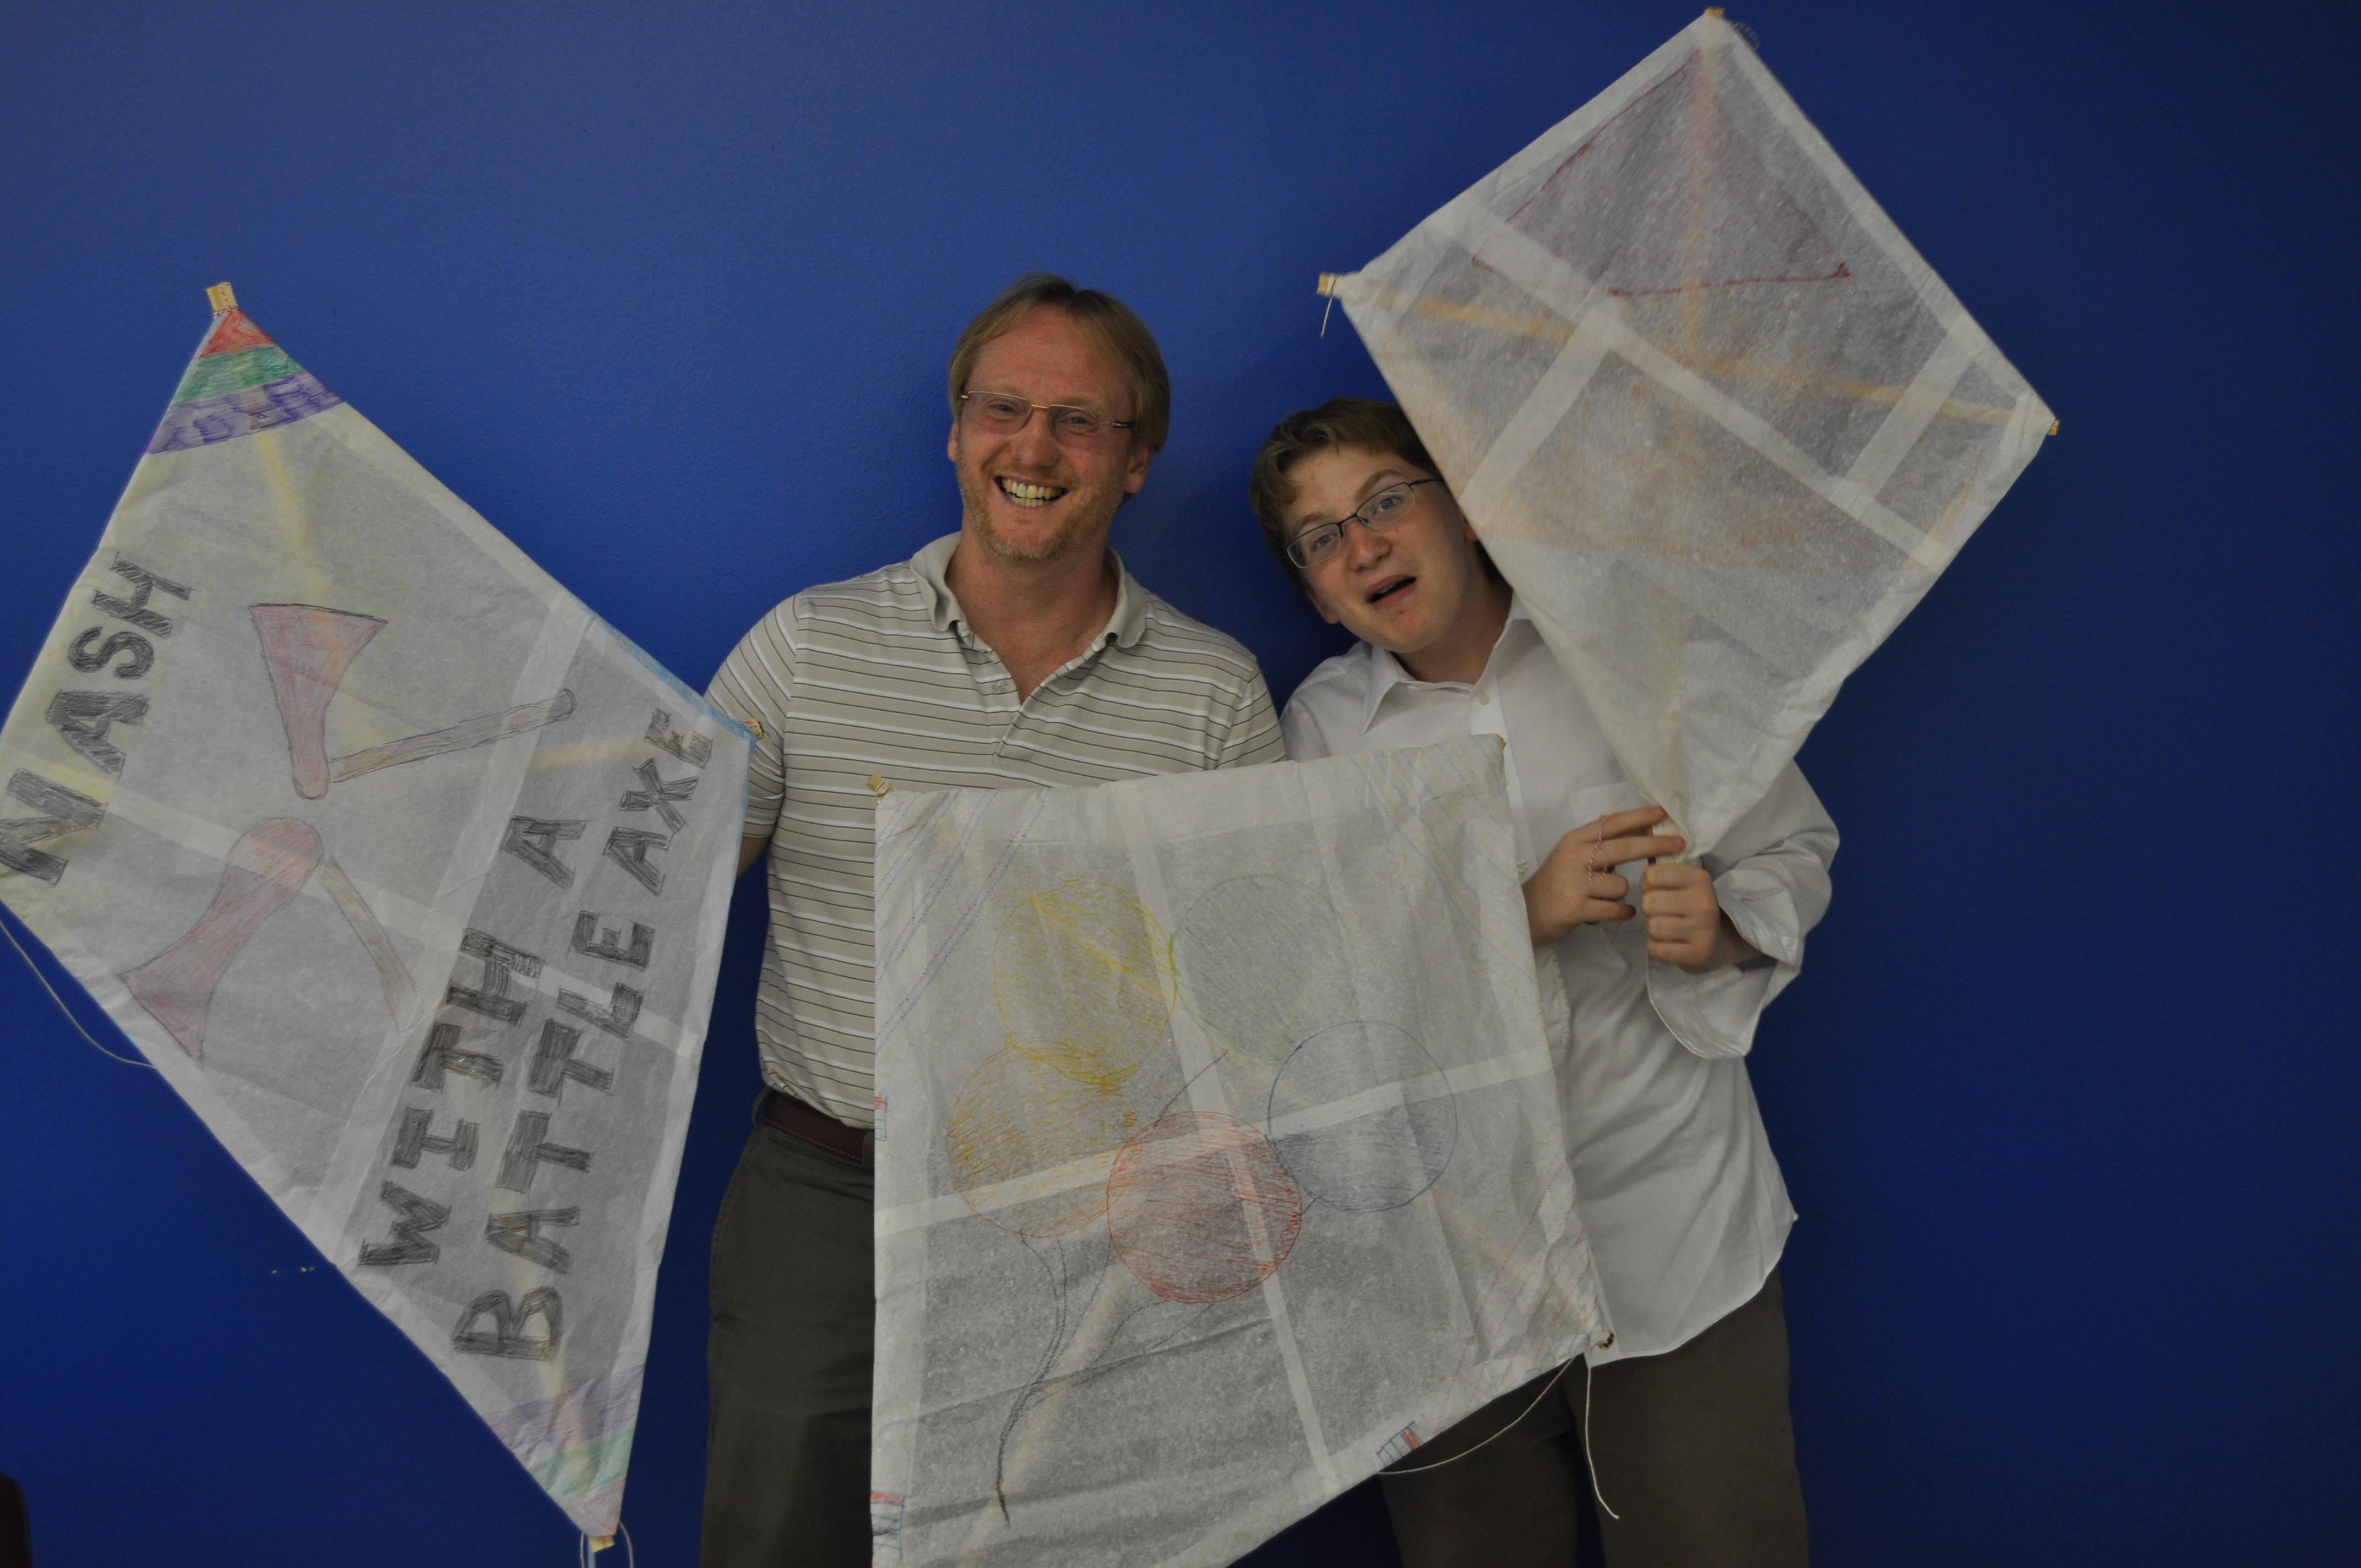 DIY Paper Kites